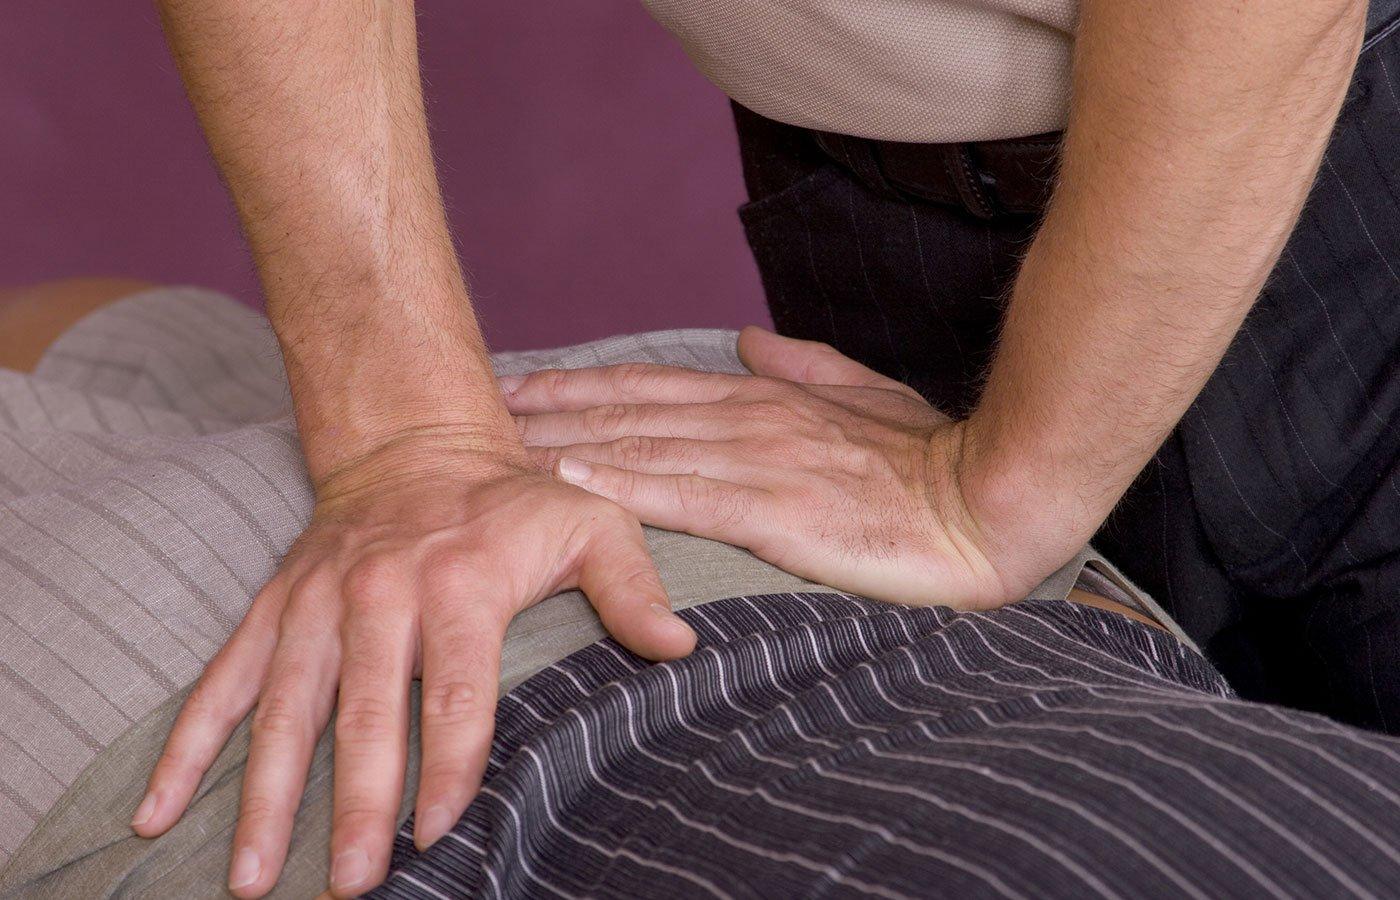 Chiropractic adjustment